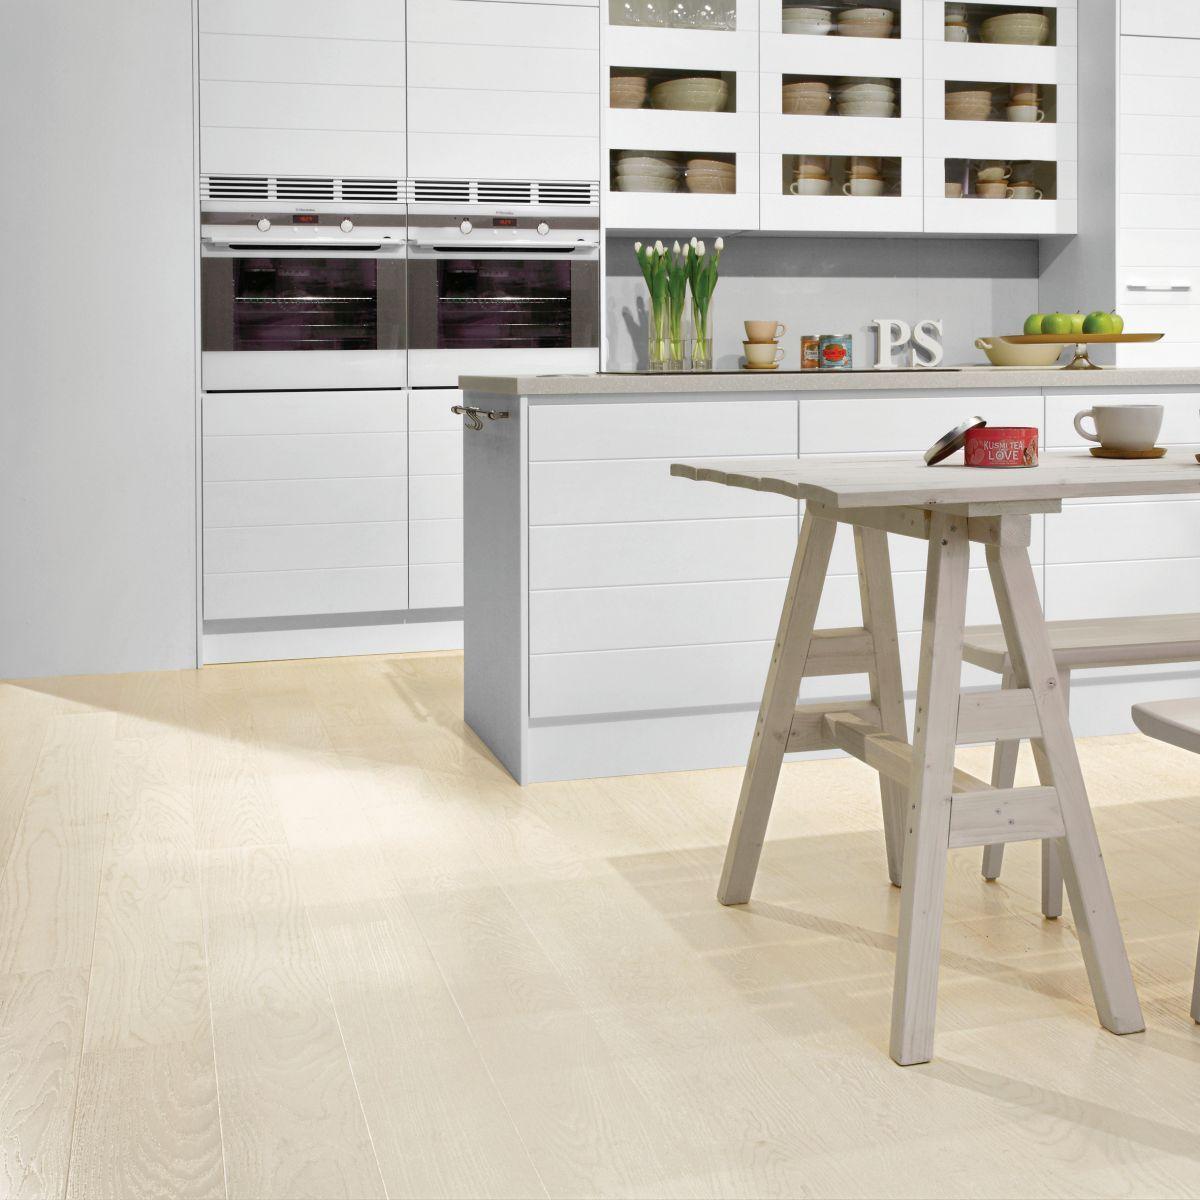 Tarkett Shade Ask Pearl White Plank Br 1-Stav - Lack - Parkettgolv - 2200 MM - 14 MM